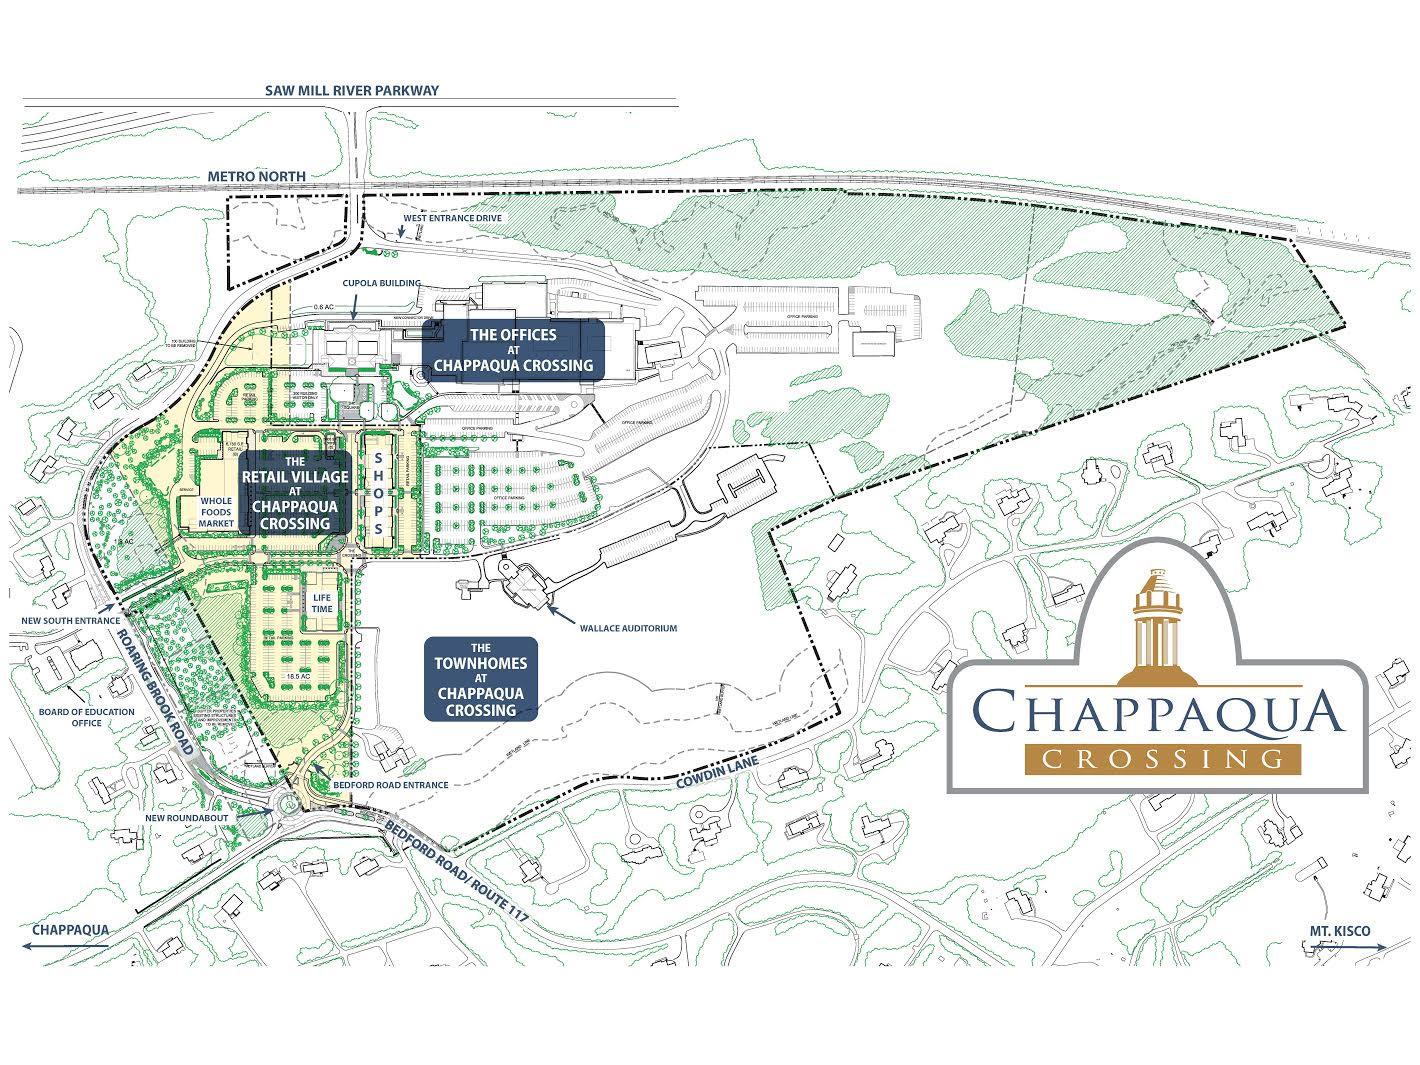 Chappaqua Crossings